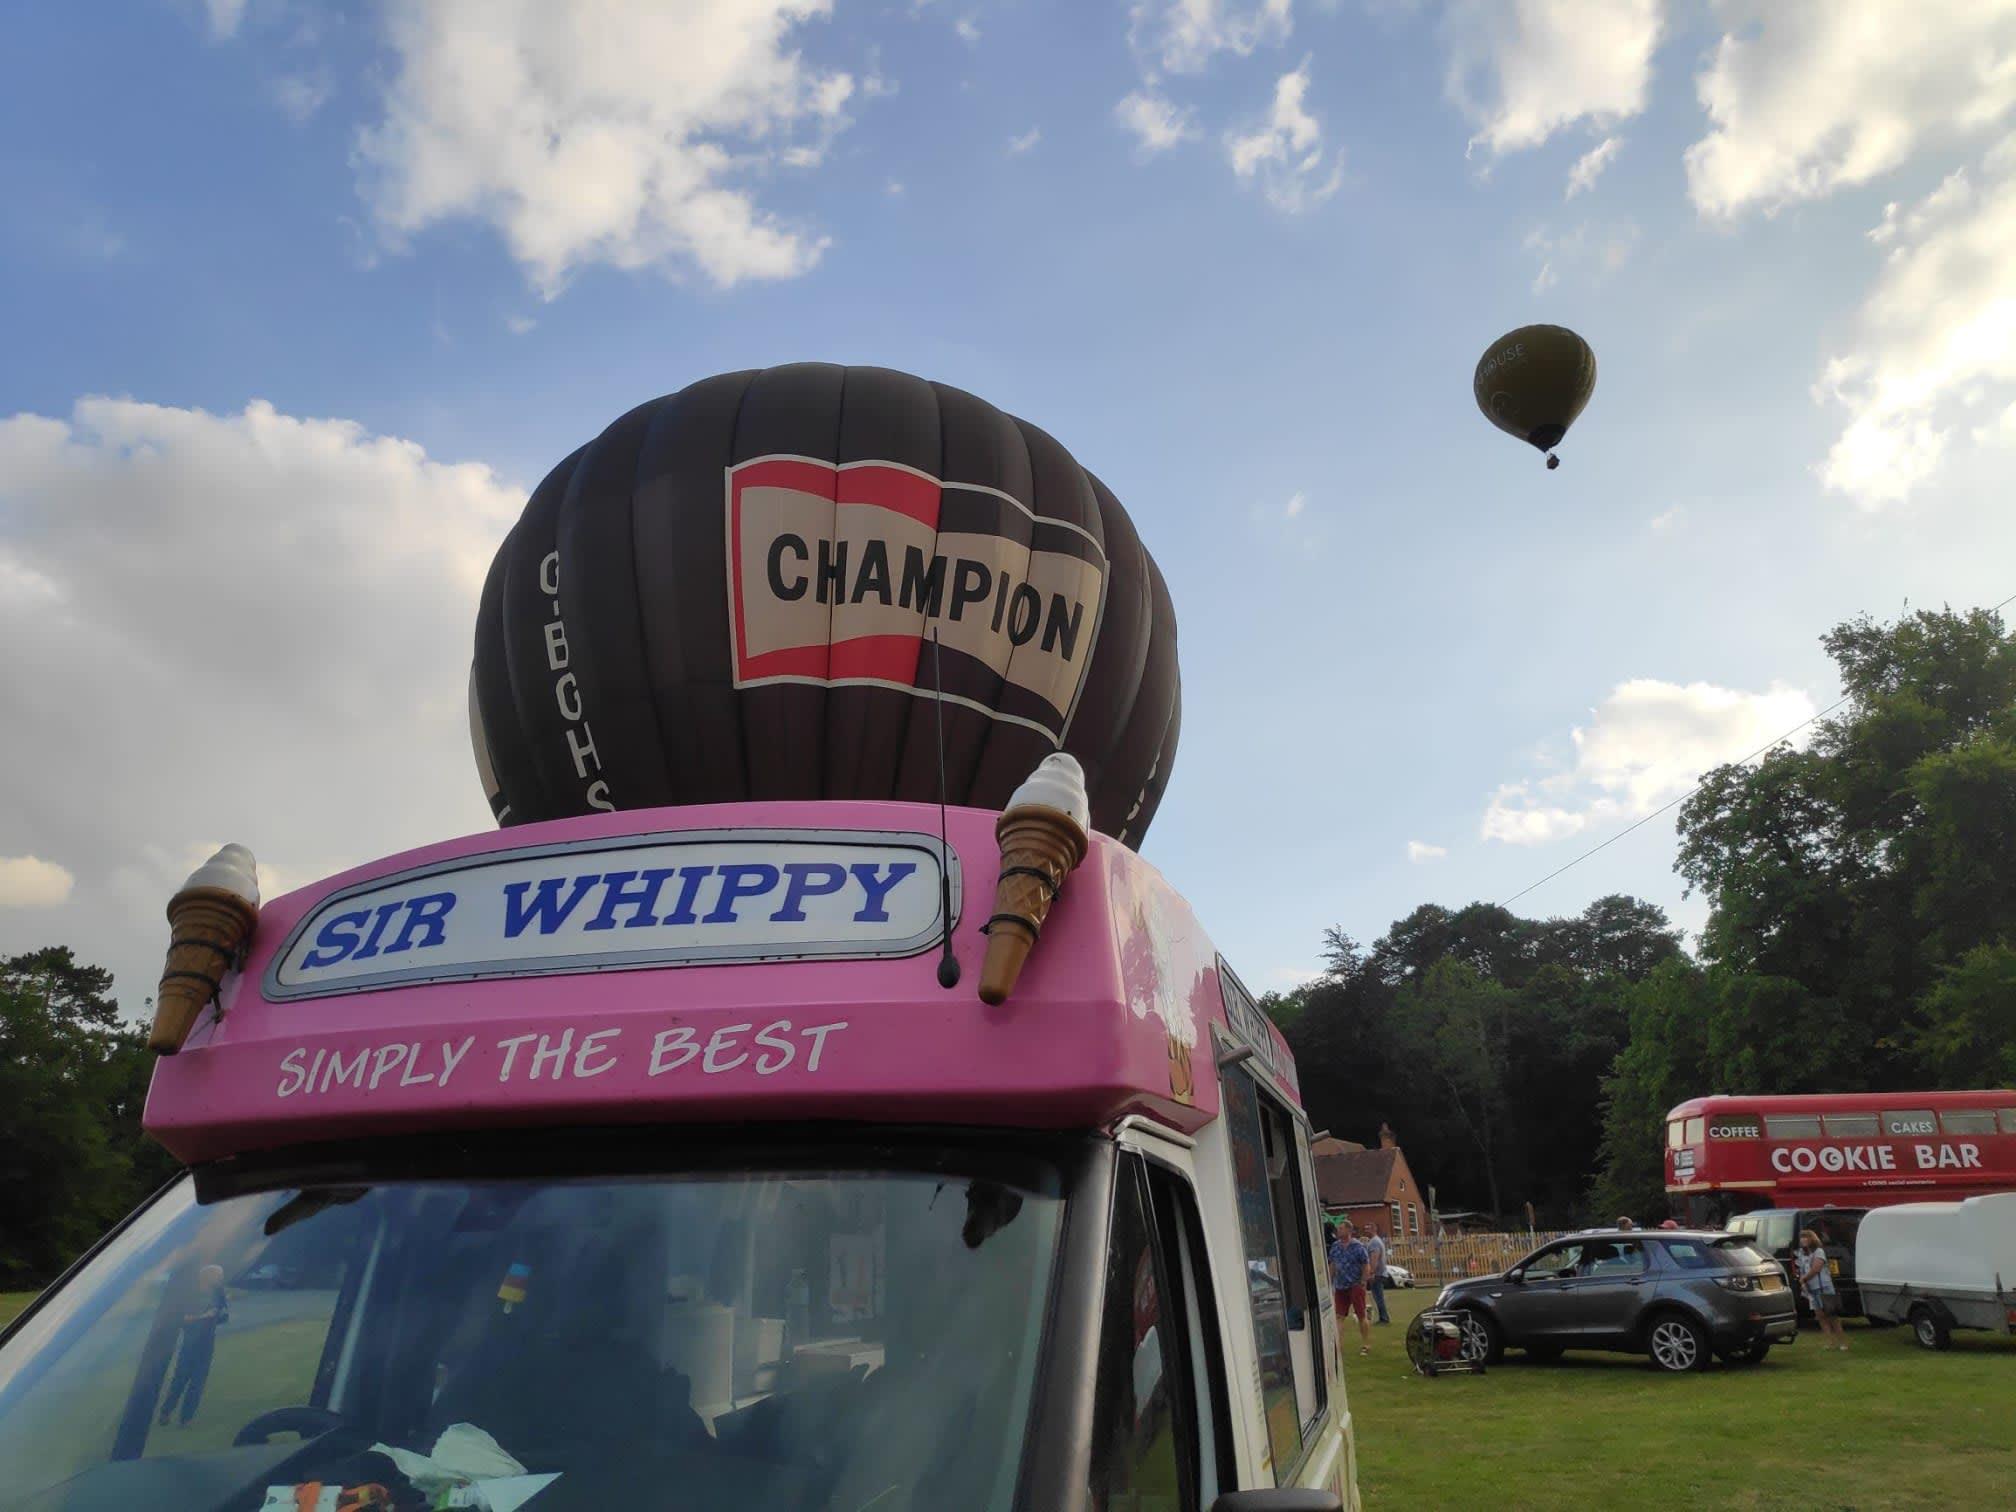 Sir Whippy Ltd